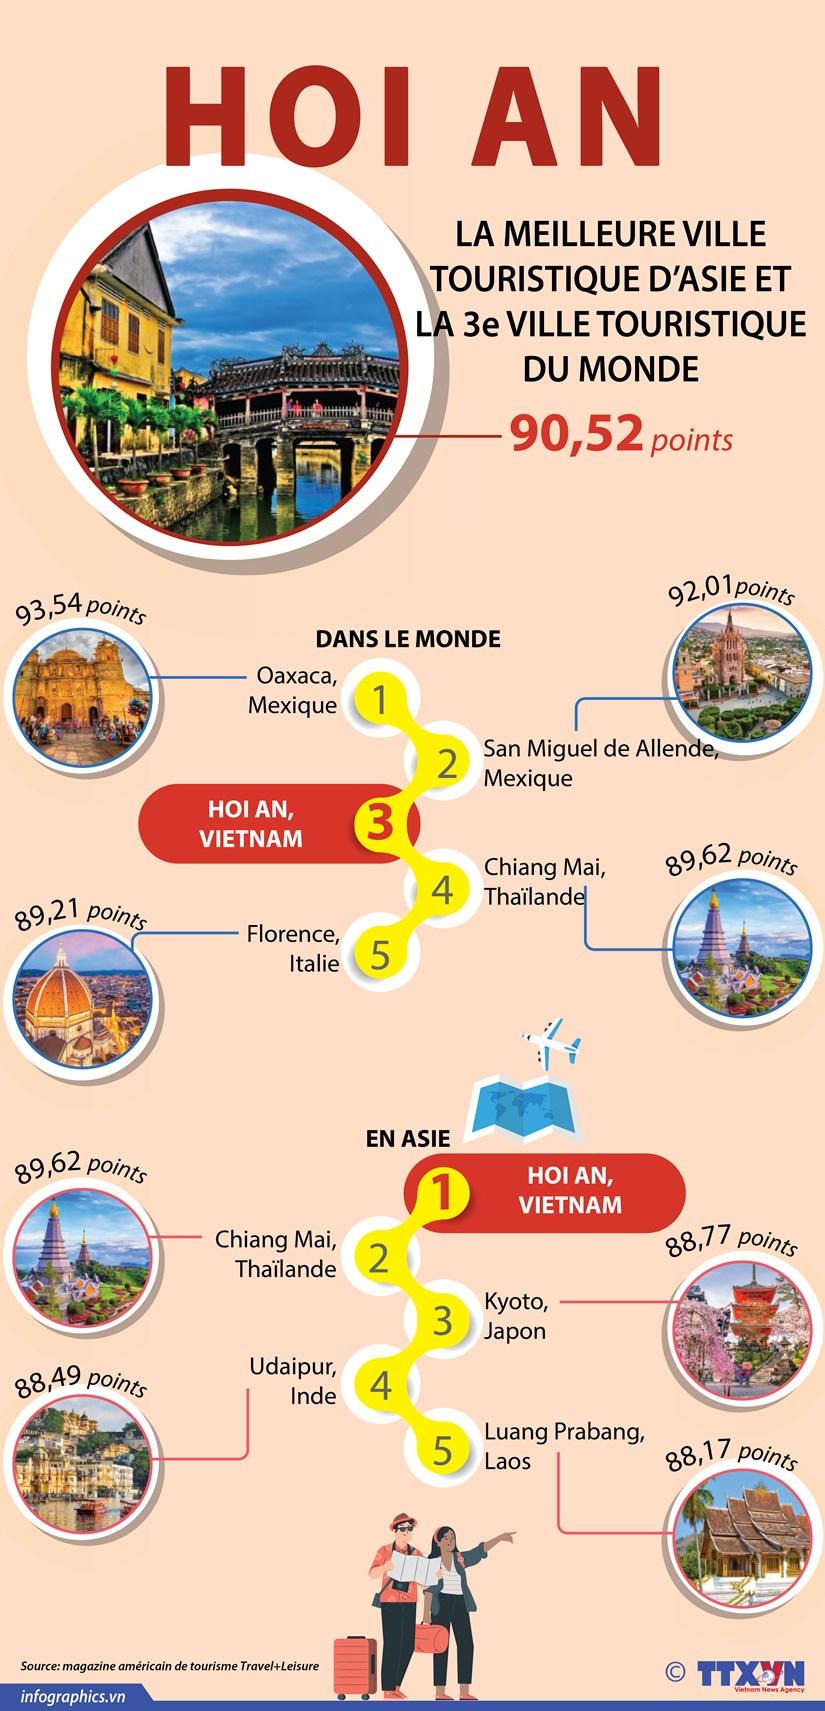 Hoi An-meilleure ville touristique d'Asie et 3e ville touristique du monde 2020 hinh anh 1